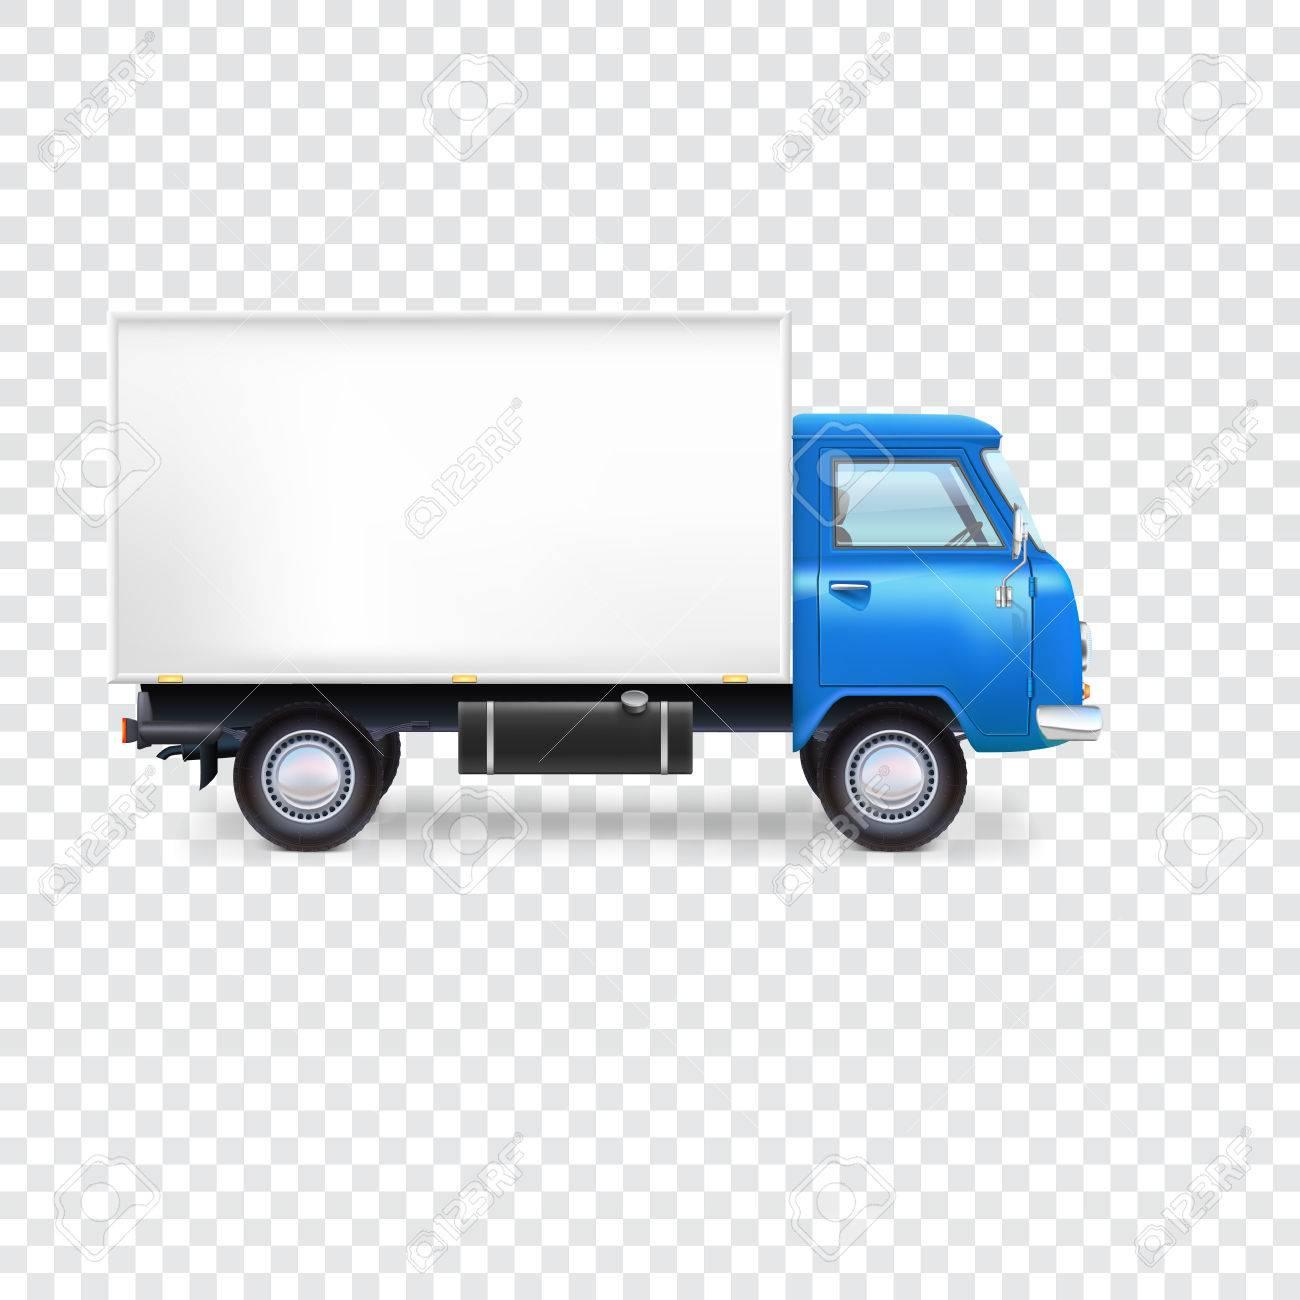 Furgone di consegna con la casella su sfondo trasparente illustrazione vettoriale per la presentazione